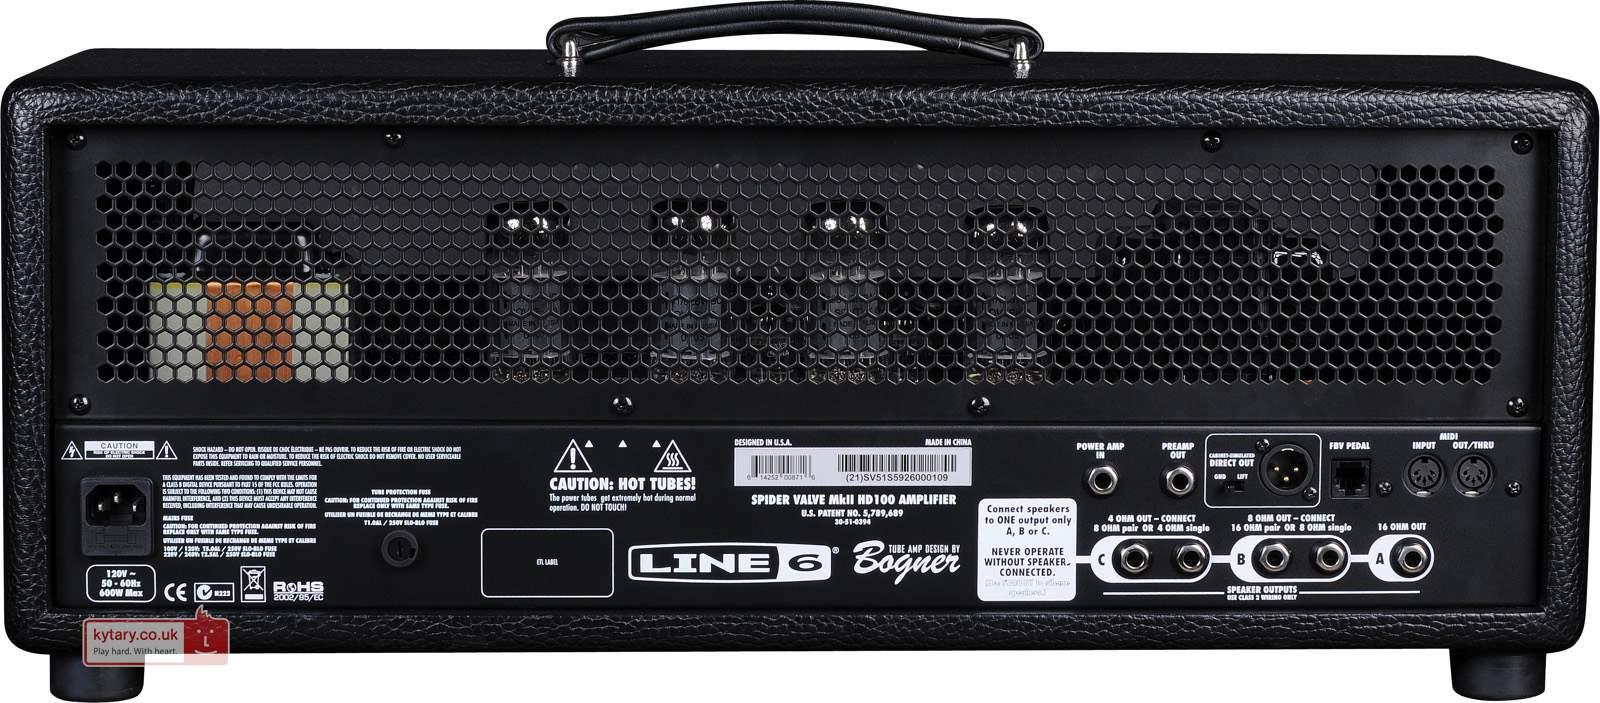 Line 6 HD100 MKII back